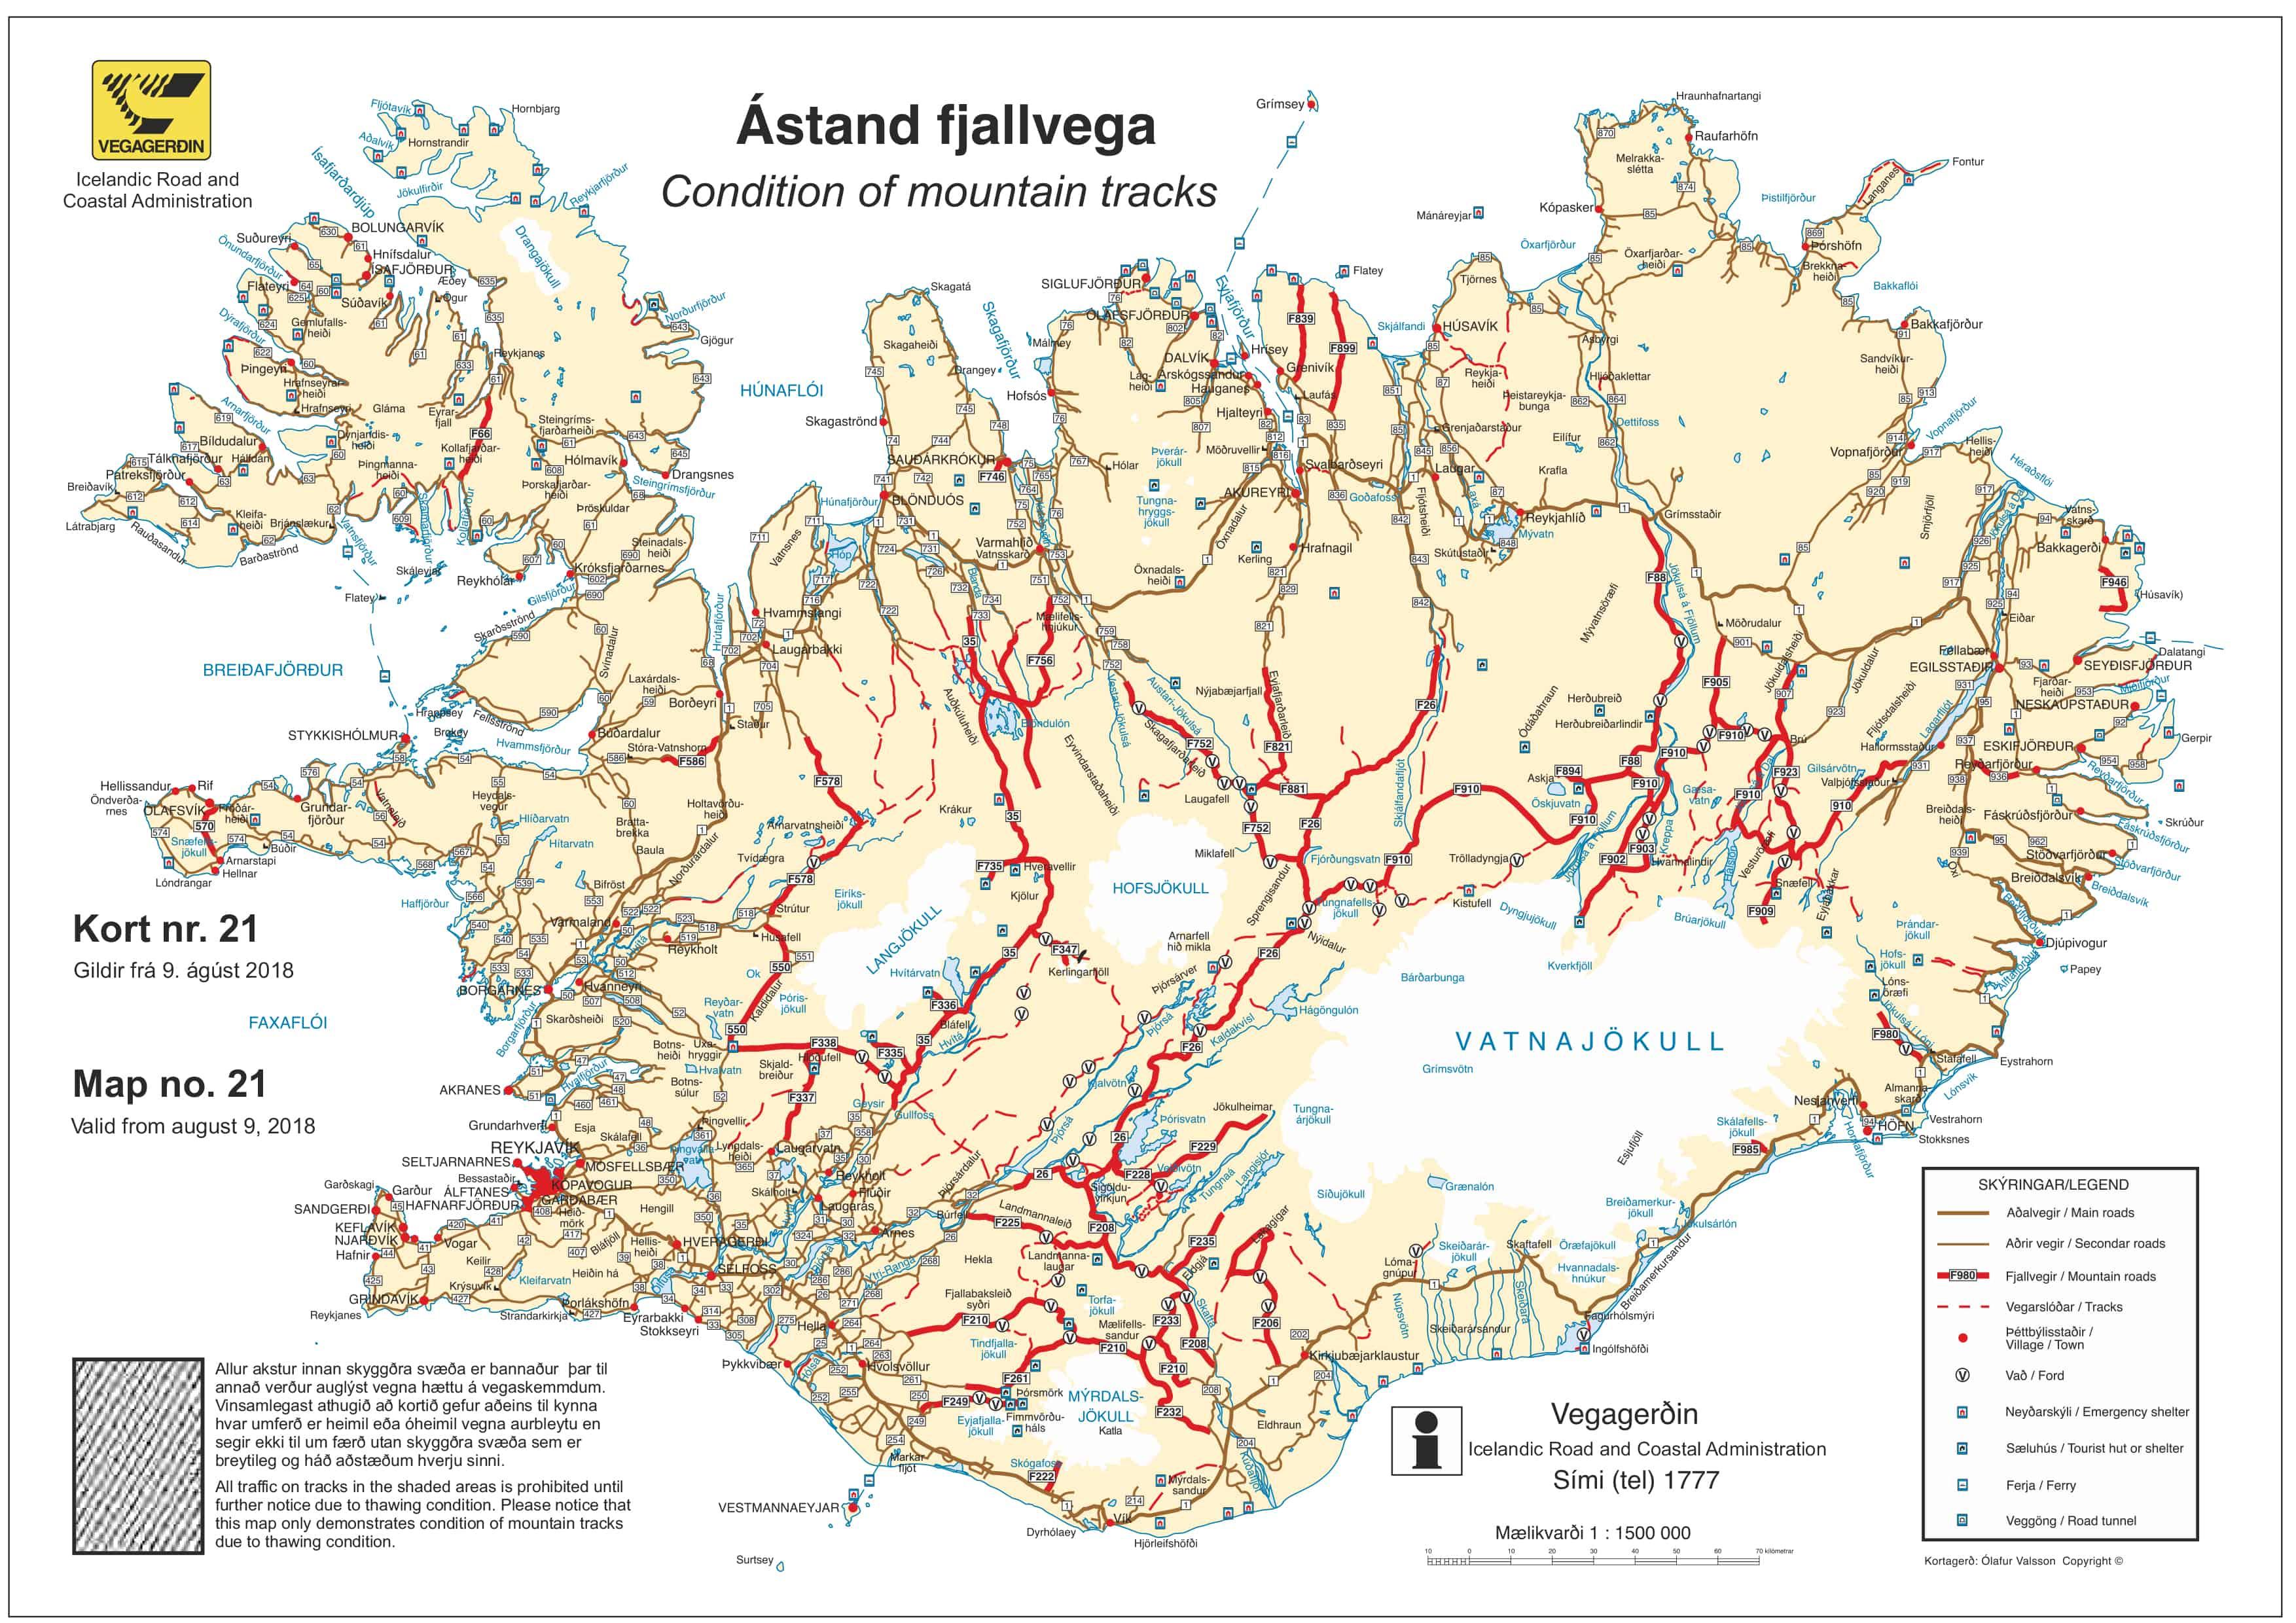 Mapa carreteras Islandia 2018 carreteras de montaña vadeos conducir Islandia Iceland Road map 2018